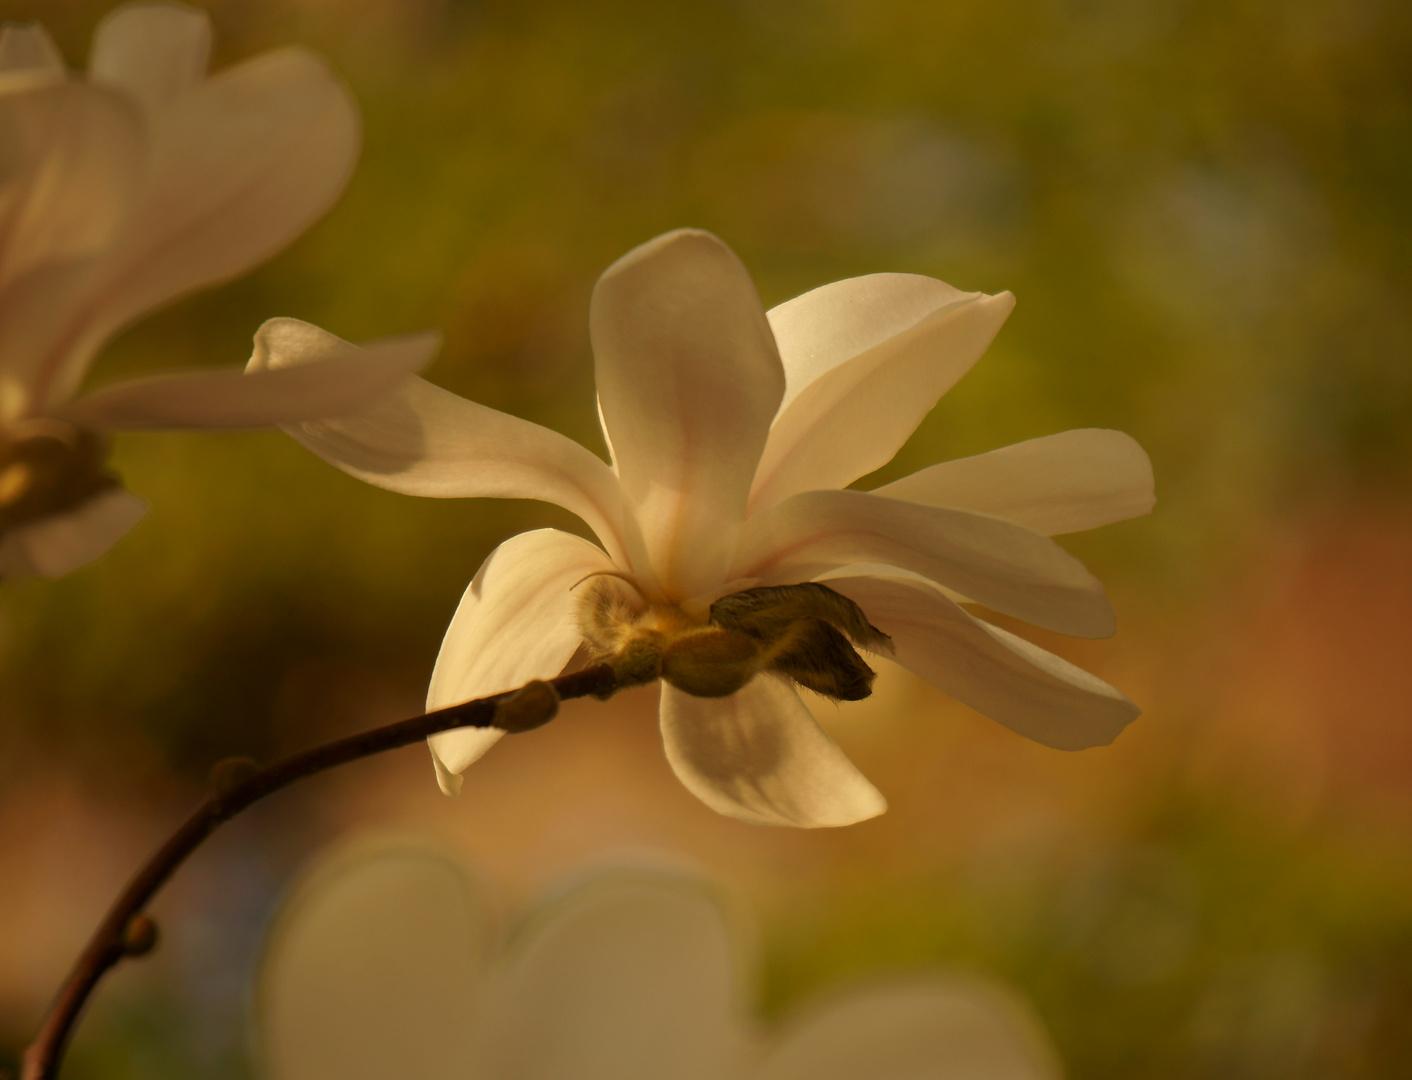 Stillleben II - Magnolienblüte